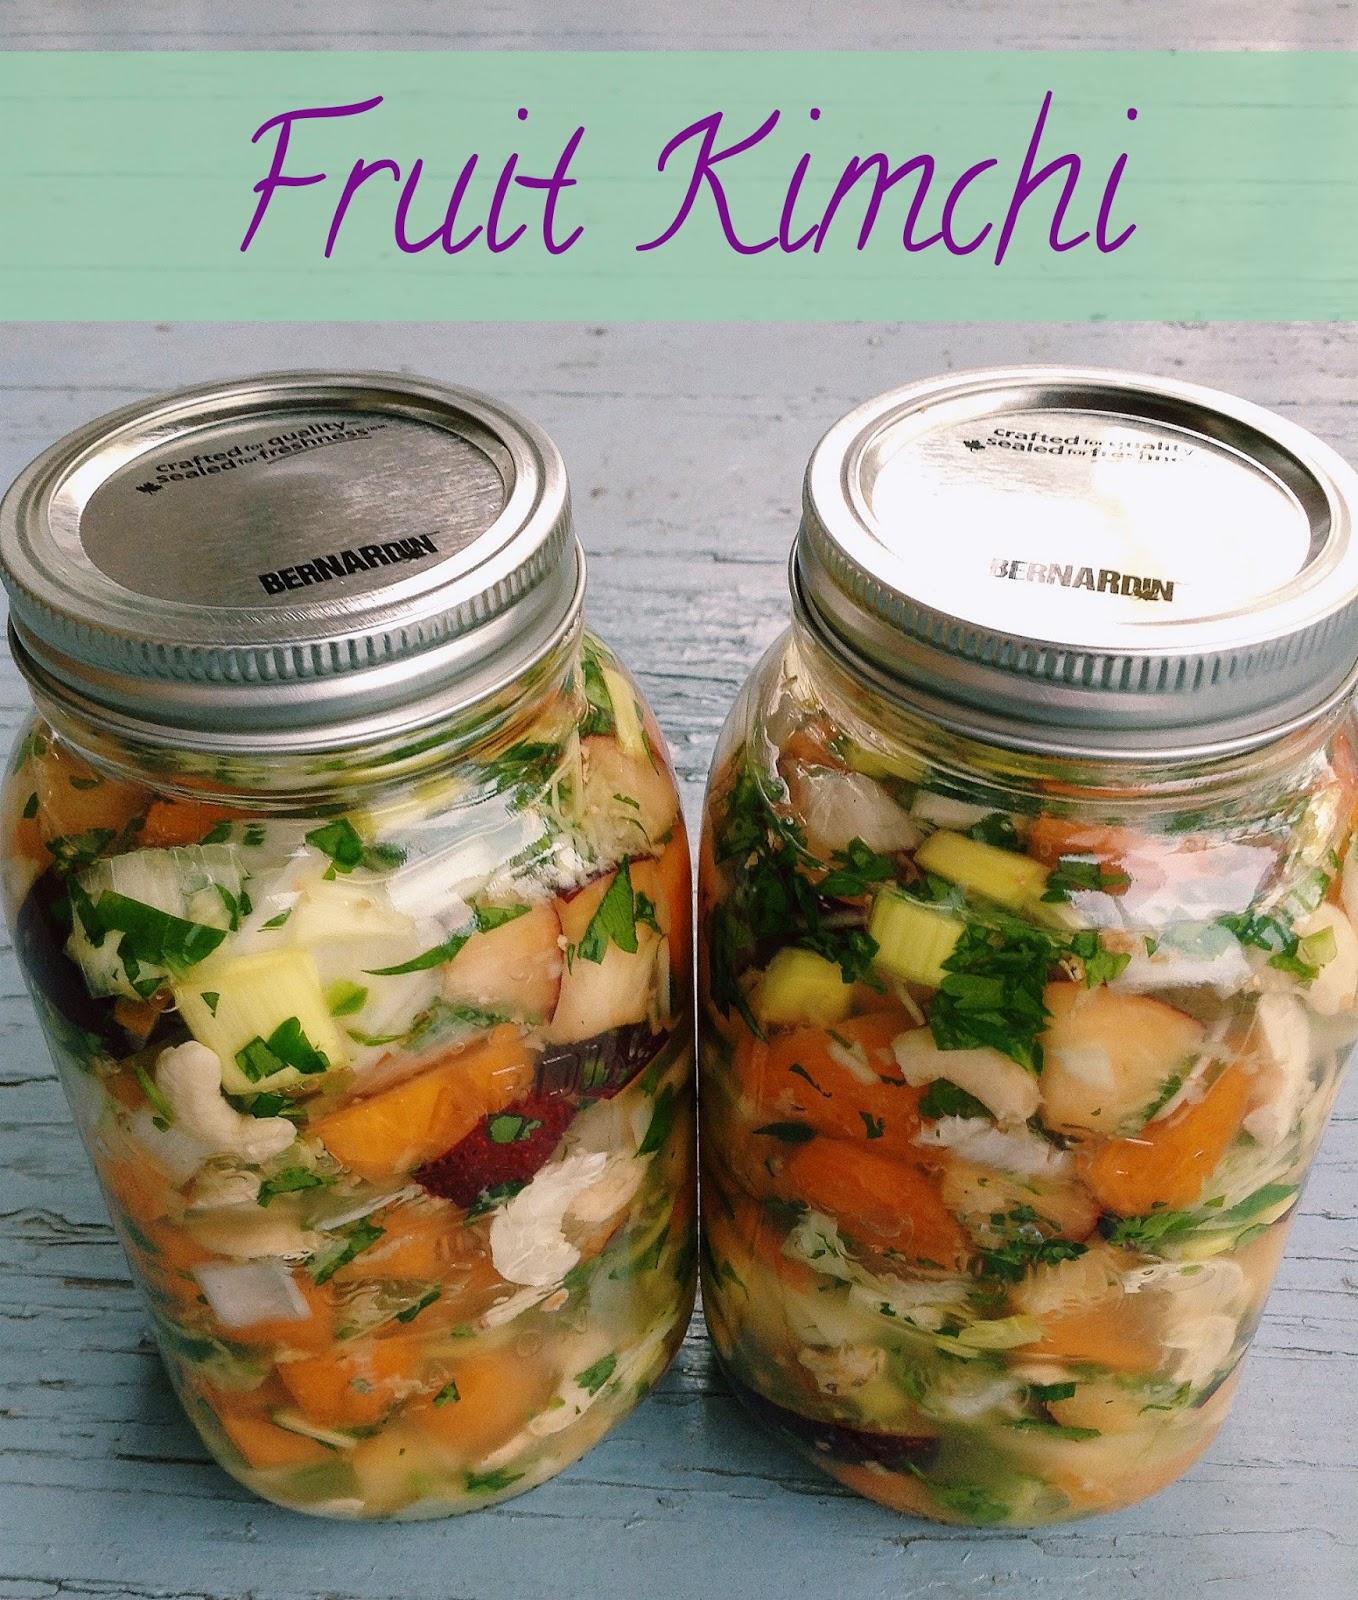 Fruit Kimchi